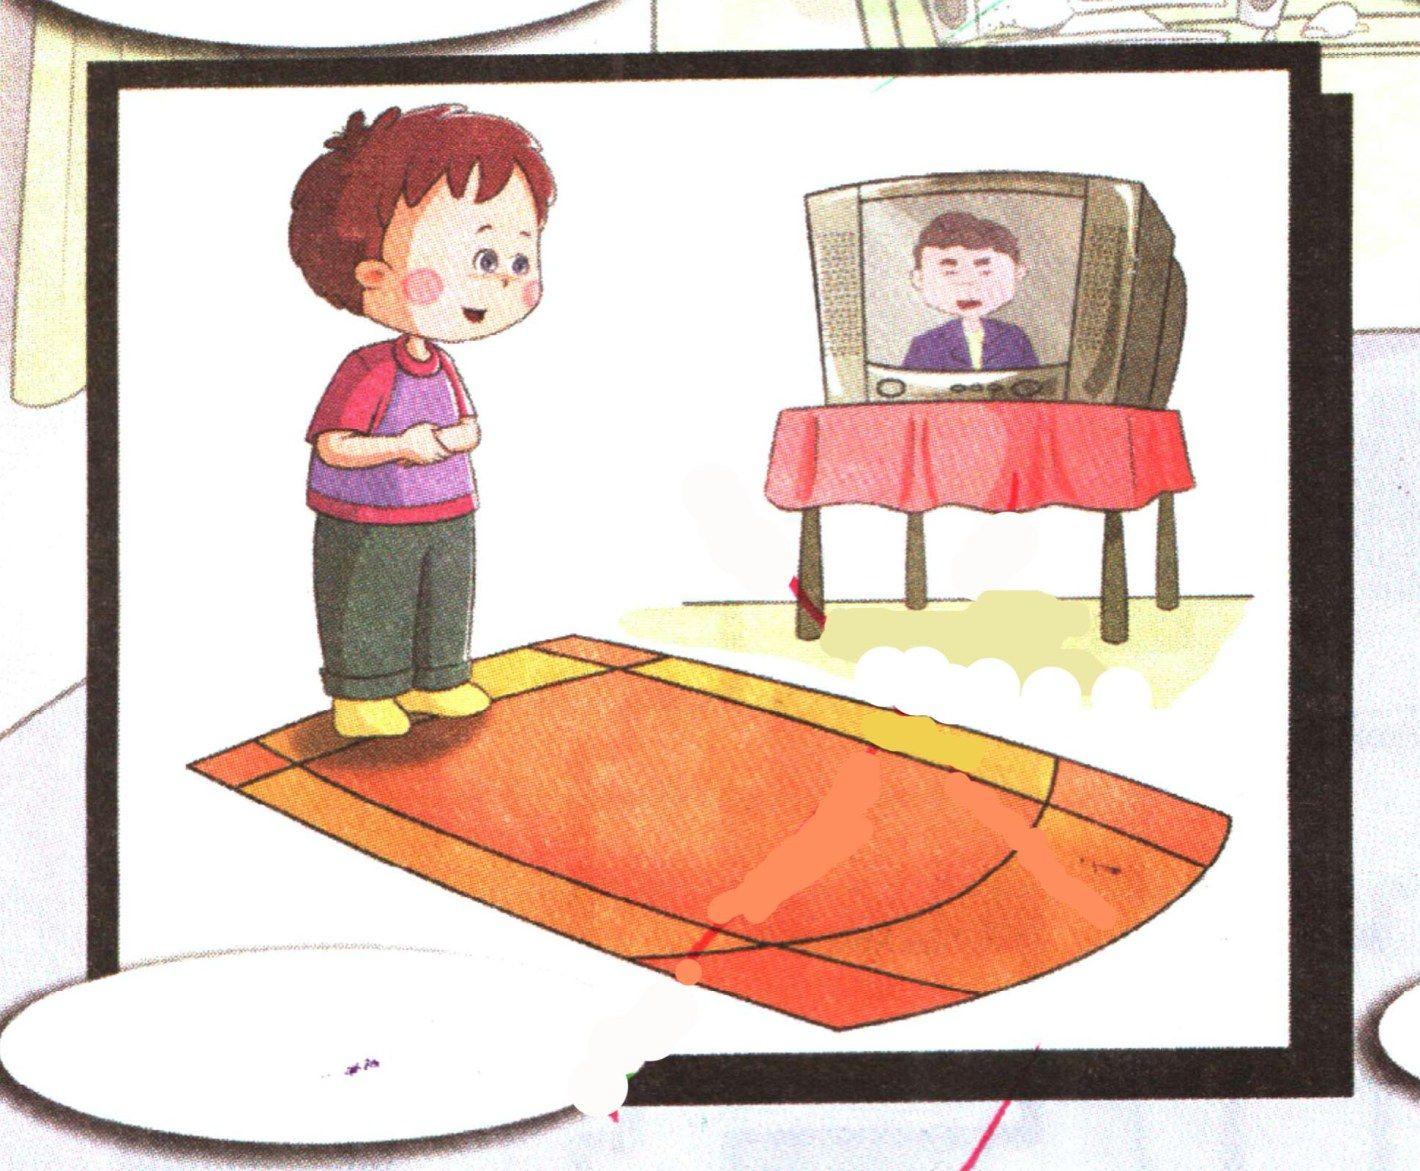 دوس نموذجي لتعليم الاطفال في مرحله الطفوله المبكره الصلاه Islam Hadith Fictional Characters Character